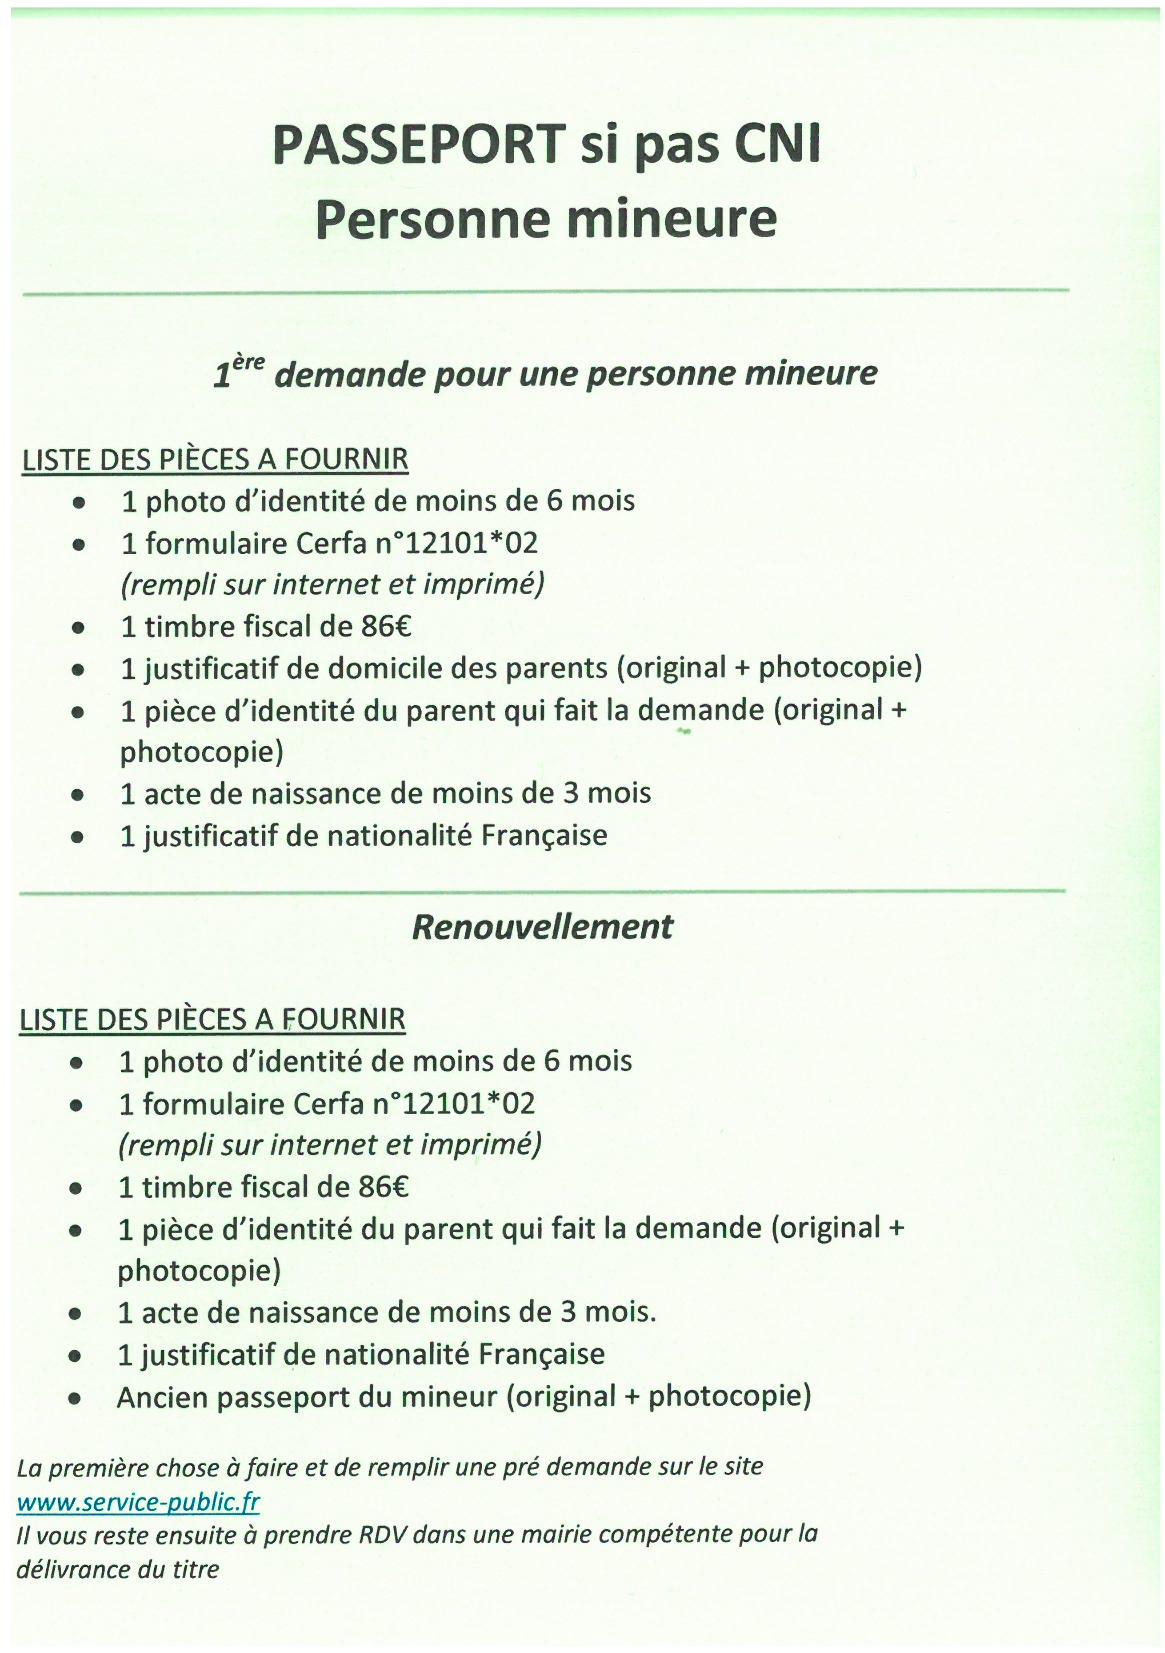 Demande De Passeport Les Pieces A Fournir Selon Votre Cas Aubas Dordogne